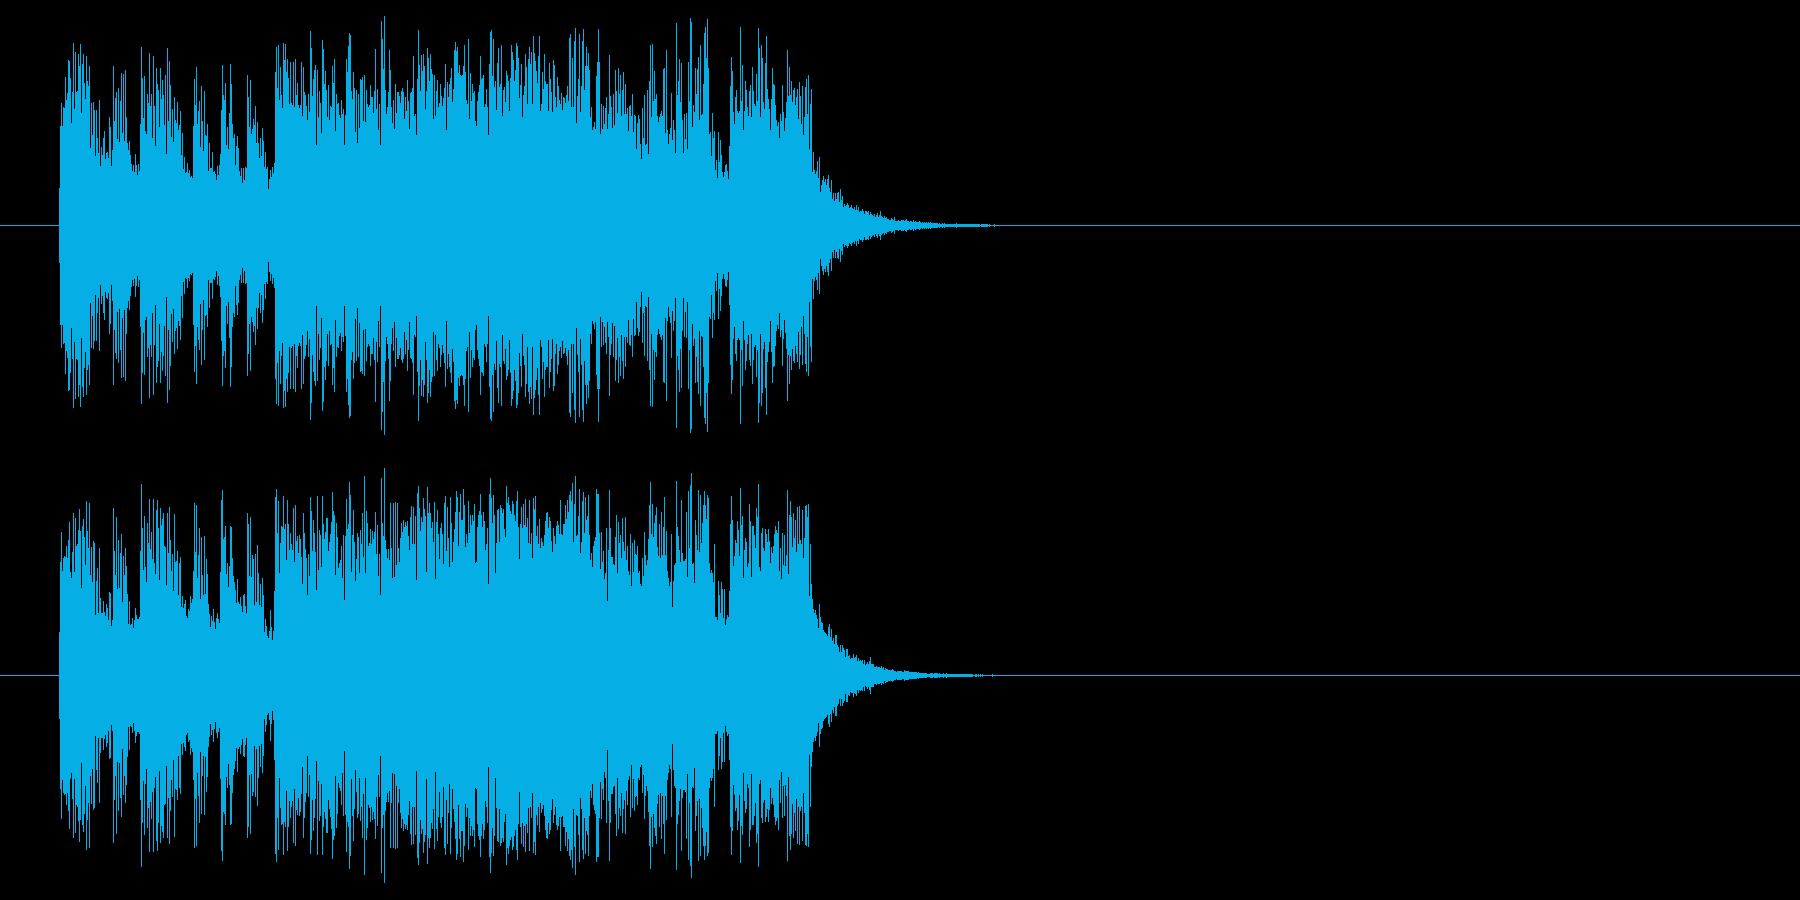 ジングル(ものすごい盛り上がり)の再生済みの波形